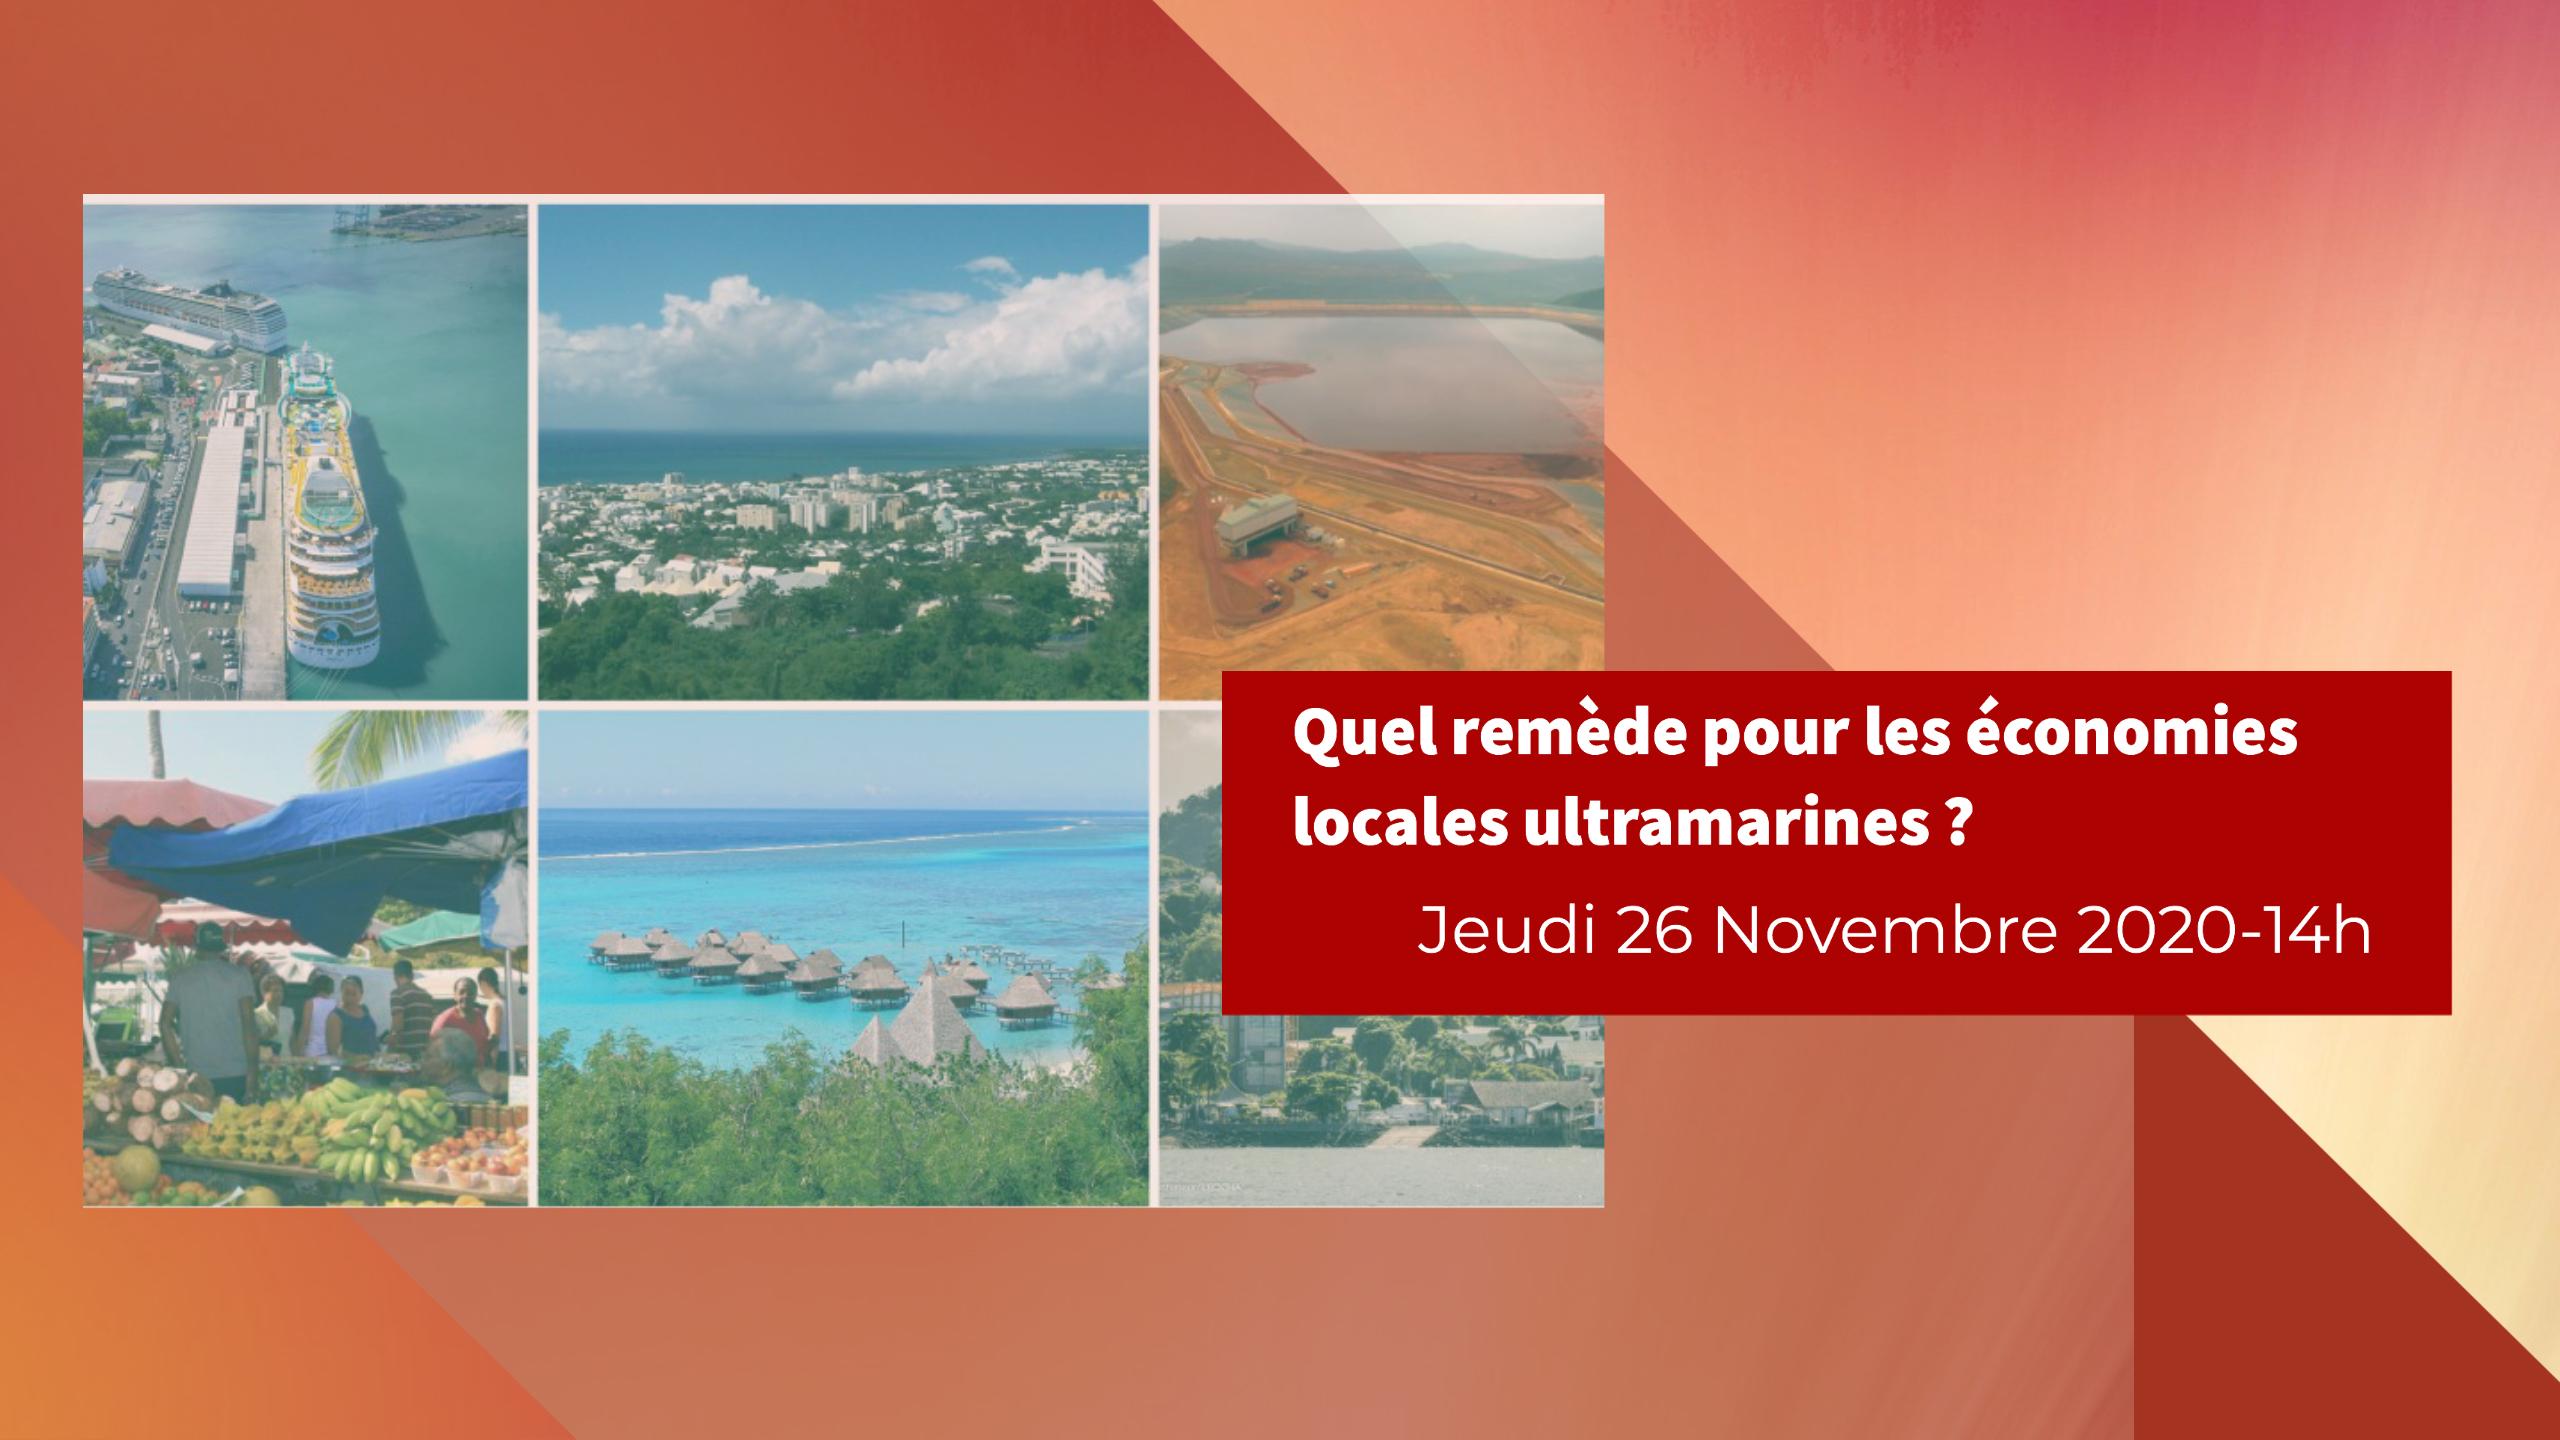 Relance en Outre-mer : Quel remède pour les économies locales des Outre-mer, fragilisées par la Covid-19?